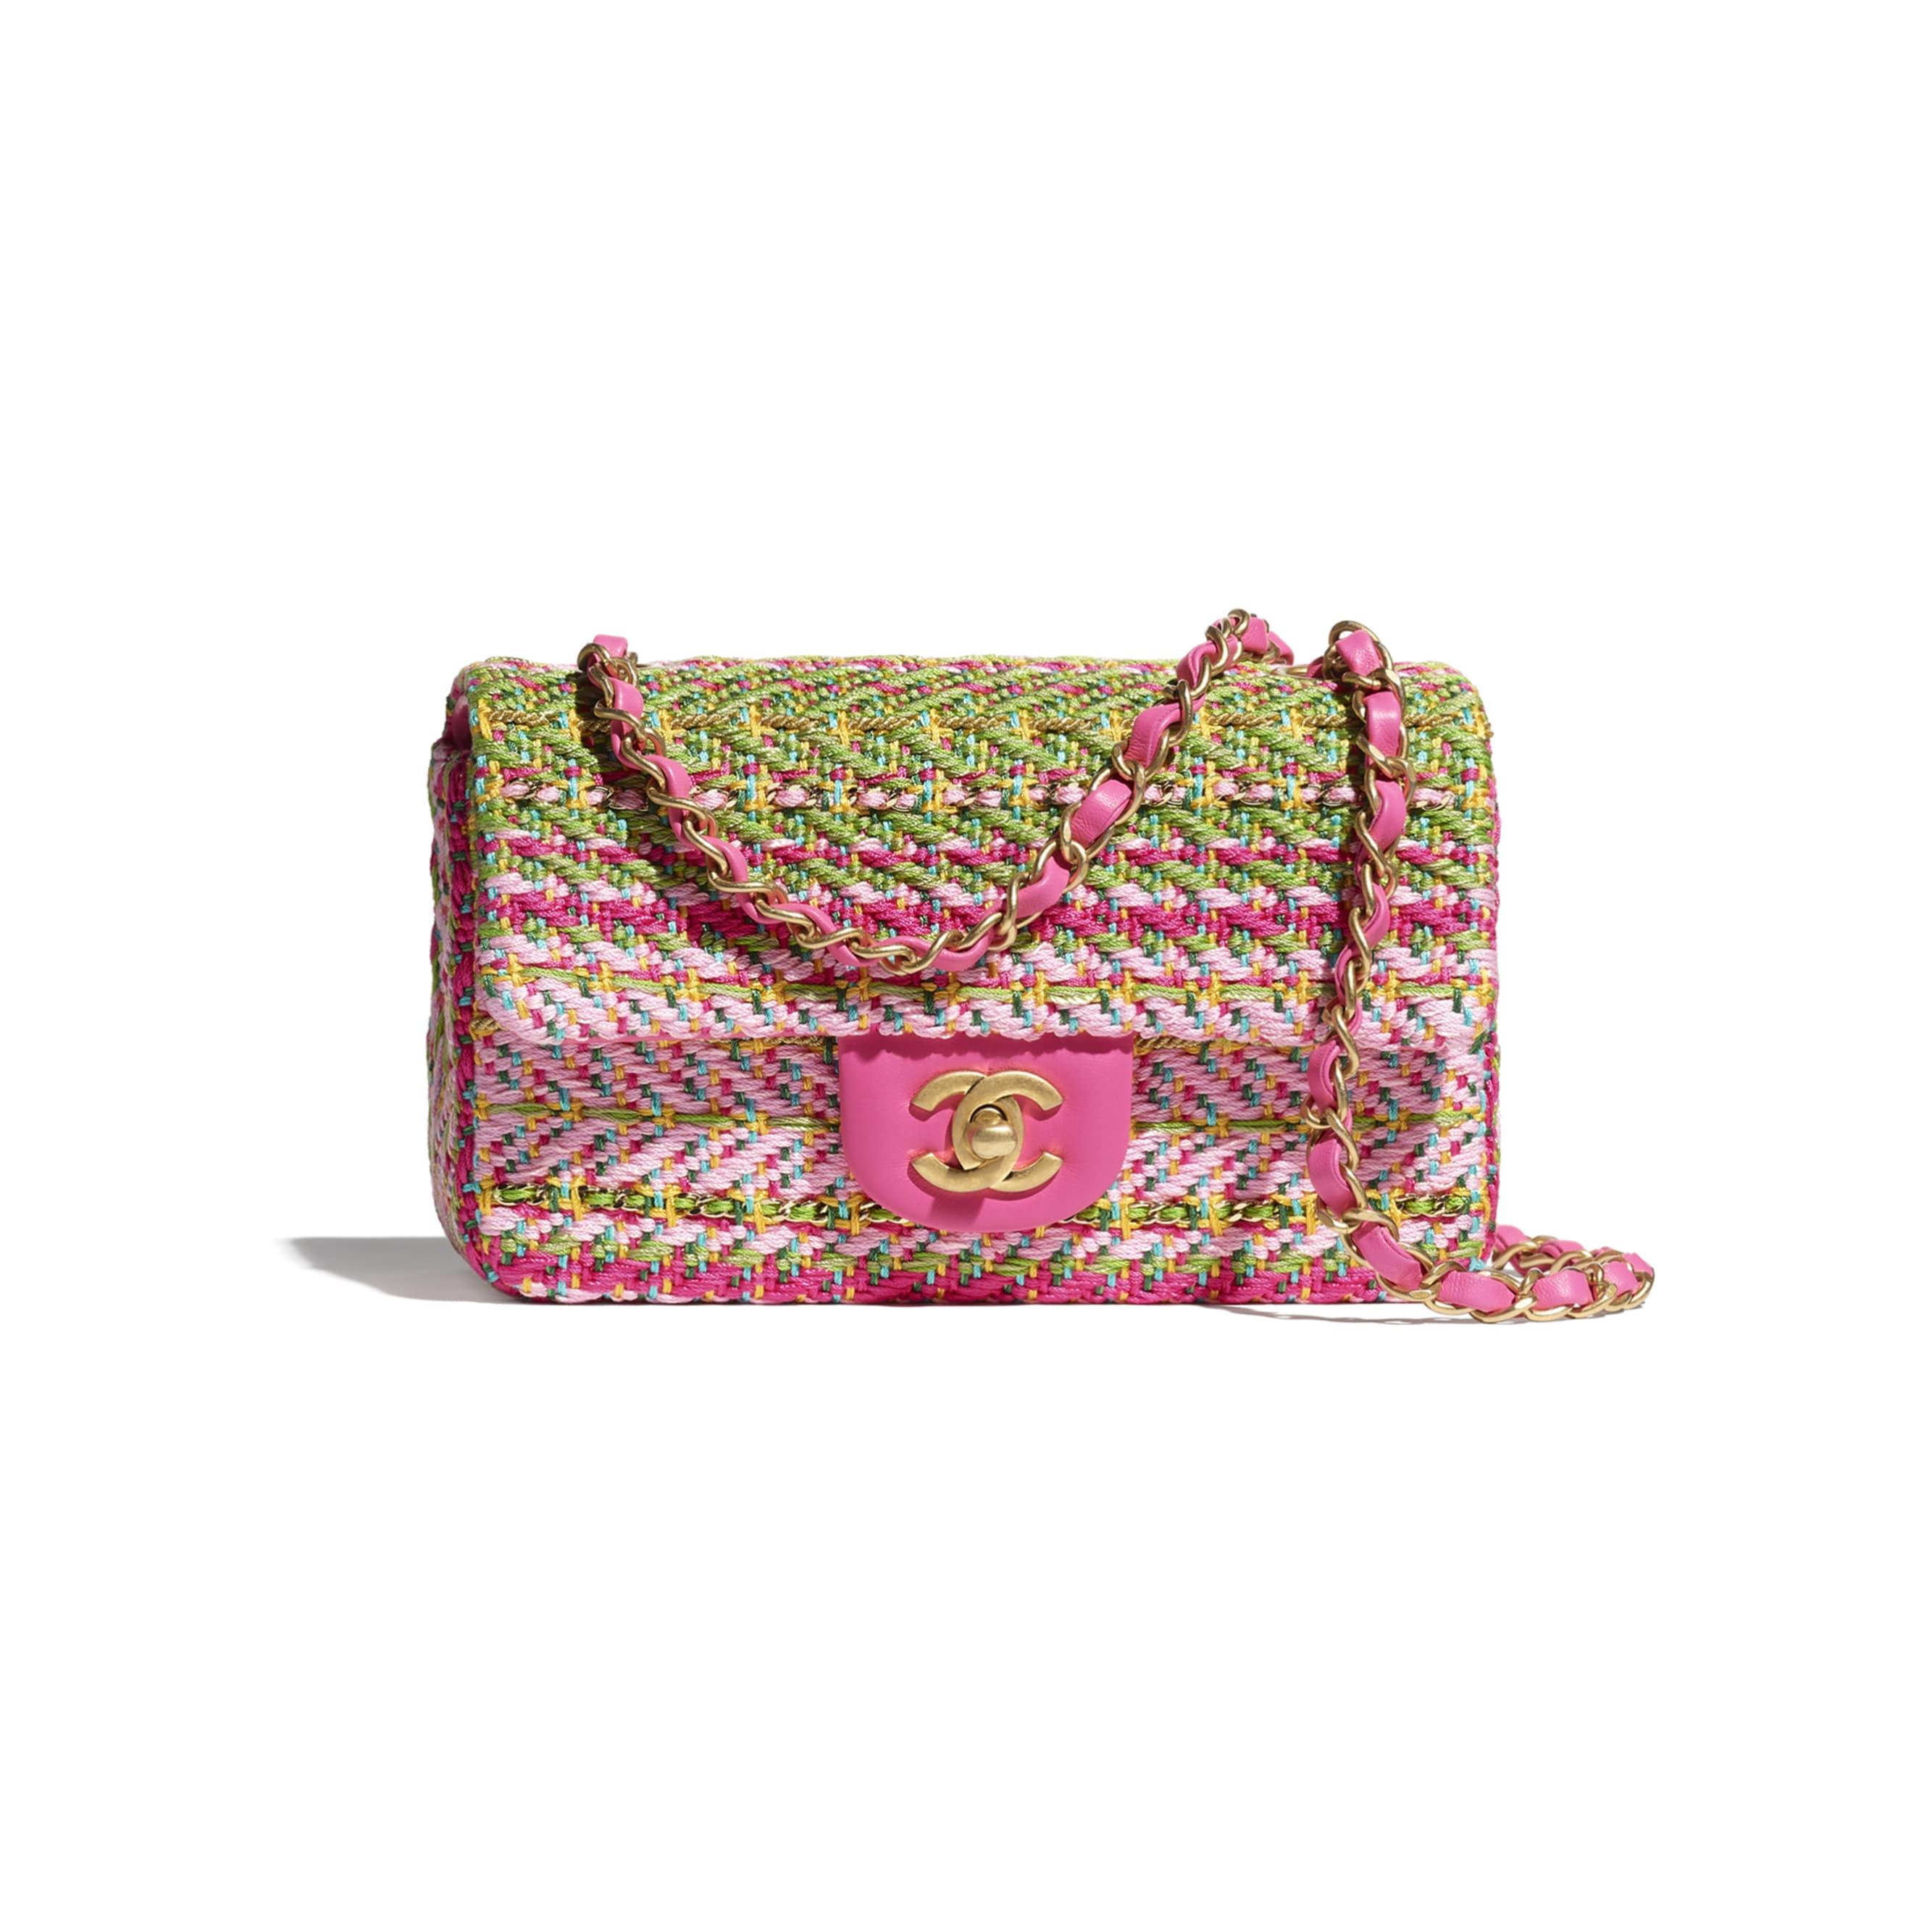 Bolsa Mini - Fúcsia, Rosa Claro, Verde, Turquesa & Amarelo - Algodão, Mix de Fibras & Metal Dourado - CHANEL - Vista predefinida - ver a versão em tamanho standard